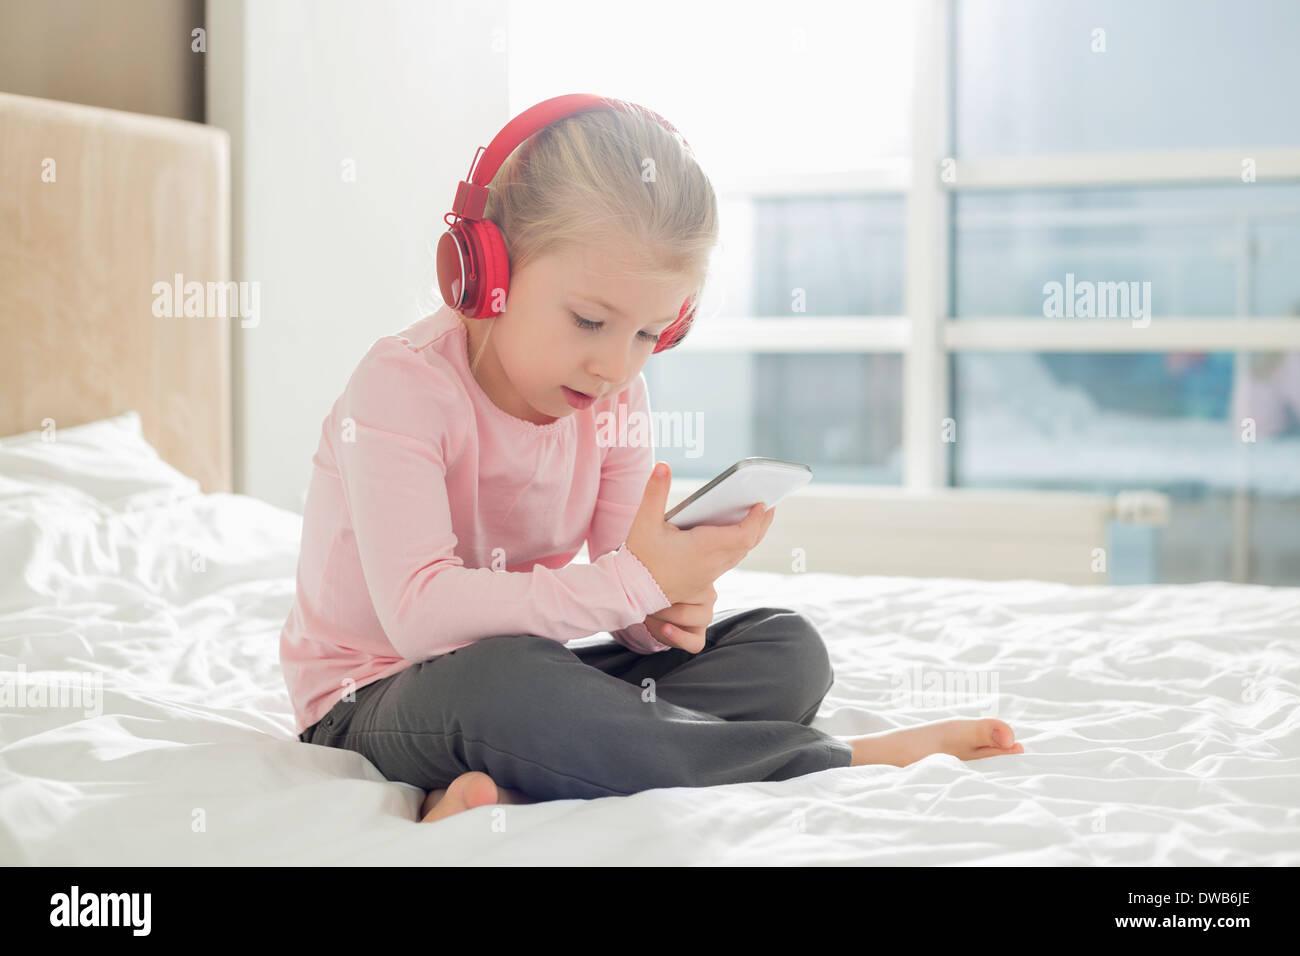 Toute la longueur de l'écoute de la musique sur le casque de fille dans la chambre Photo Stock